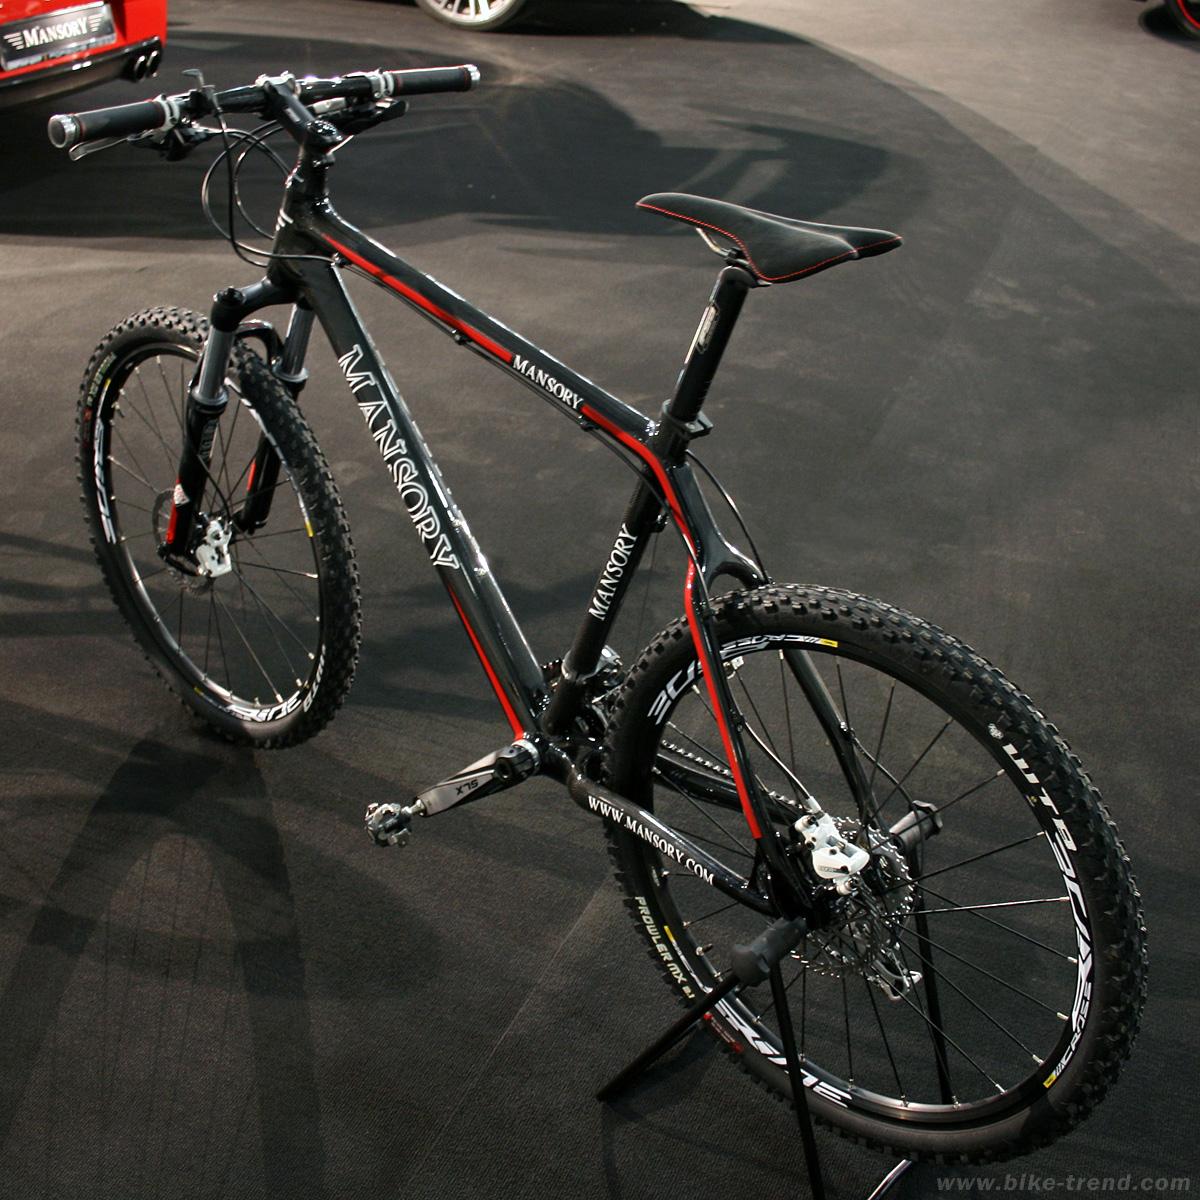 Bmw Bike: Mansory Mountain Bike